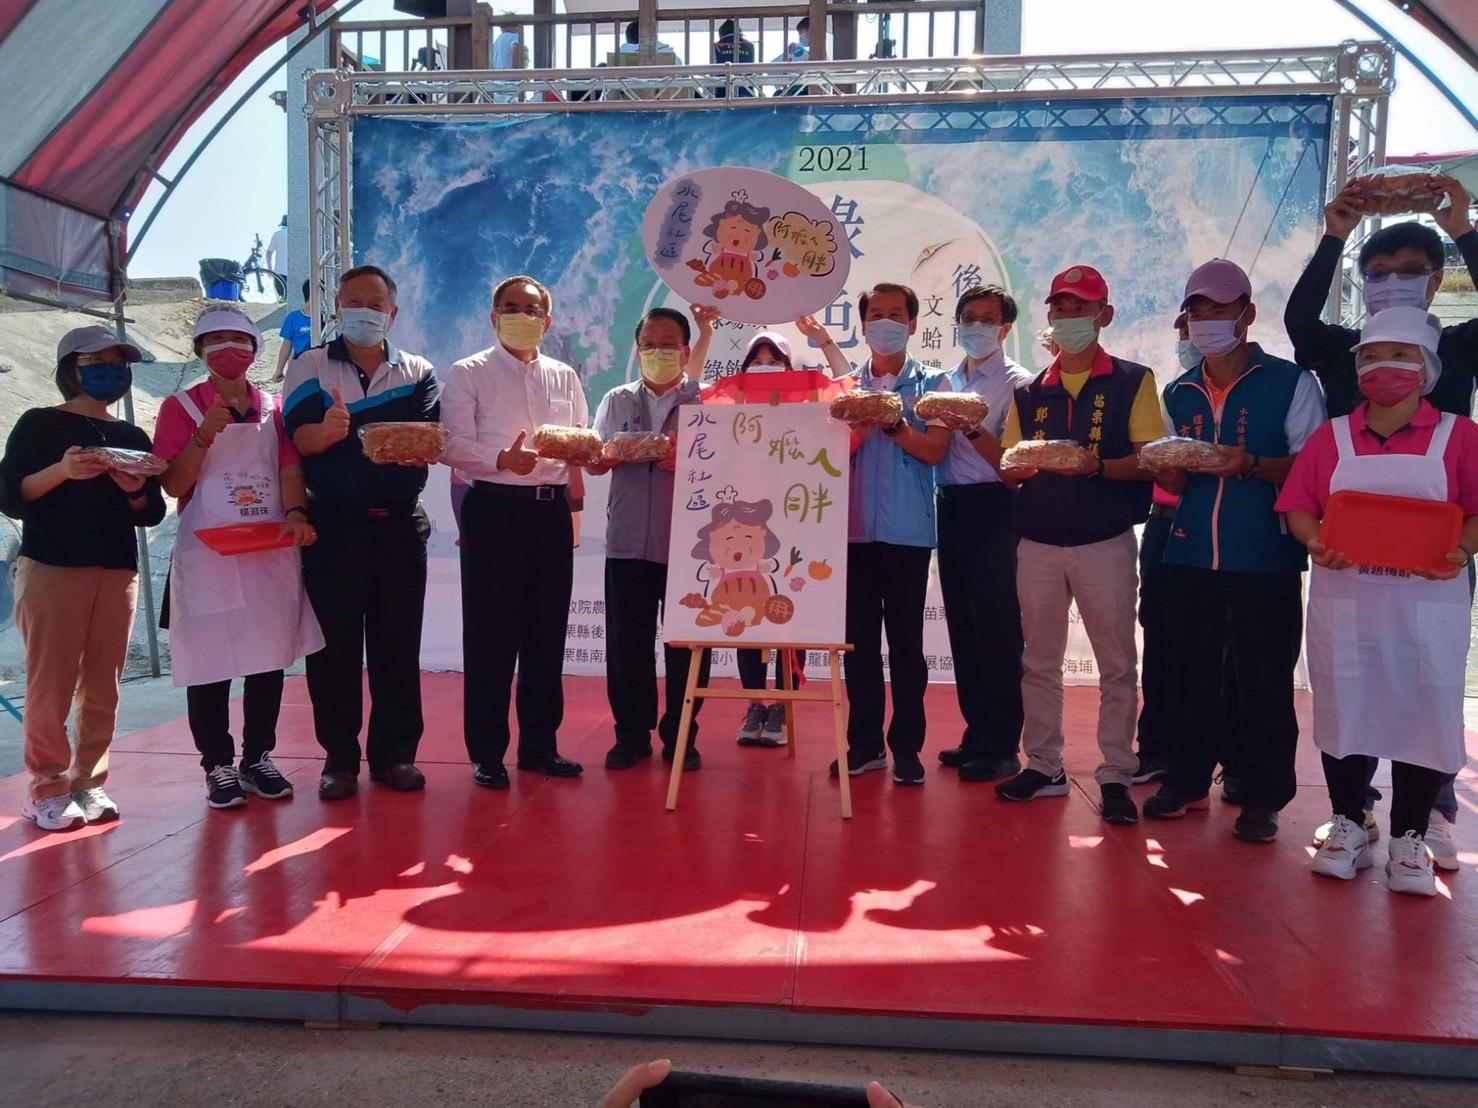 後龍鎮水尾社區「阿嬤ㄟ胖」烘培品牌籌備處正式成立